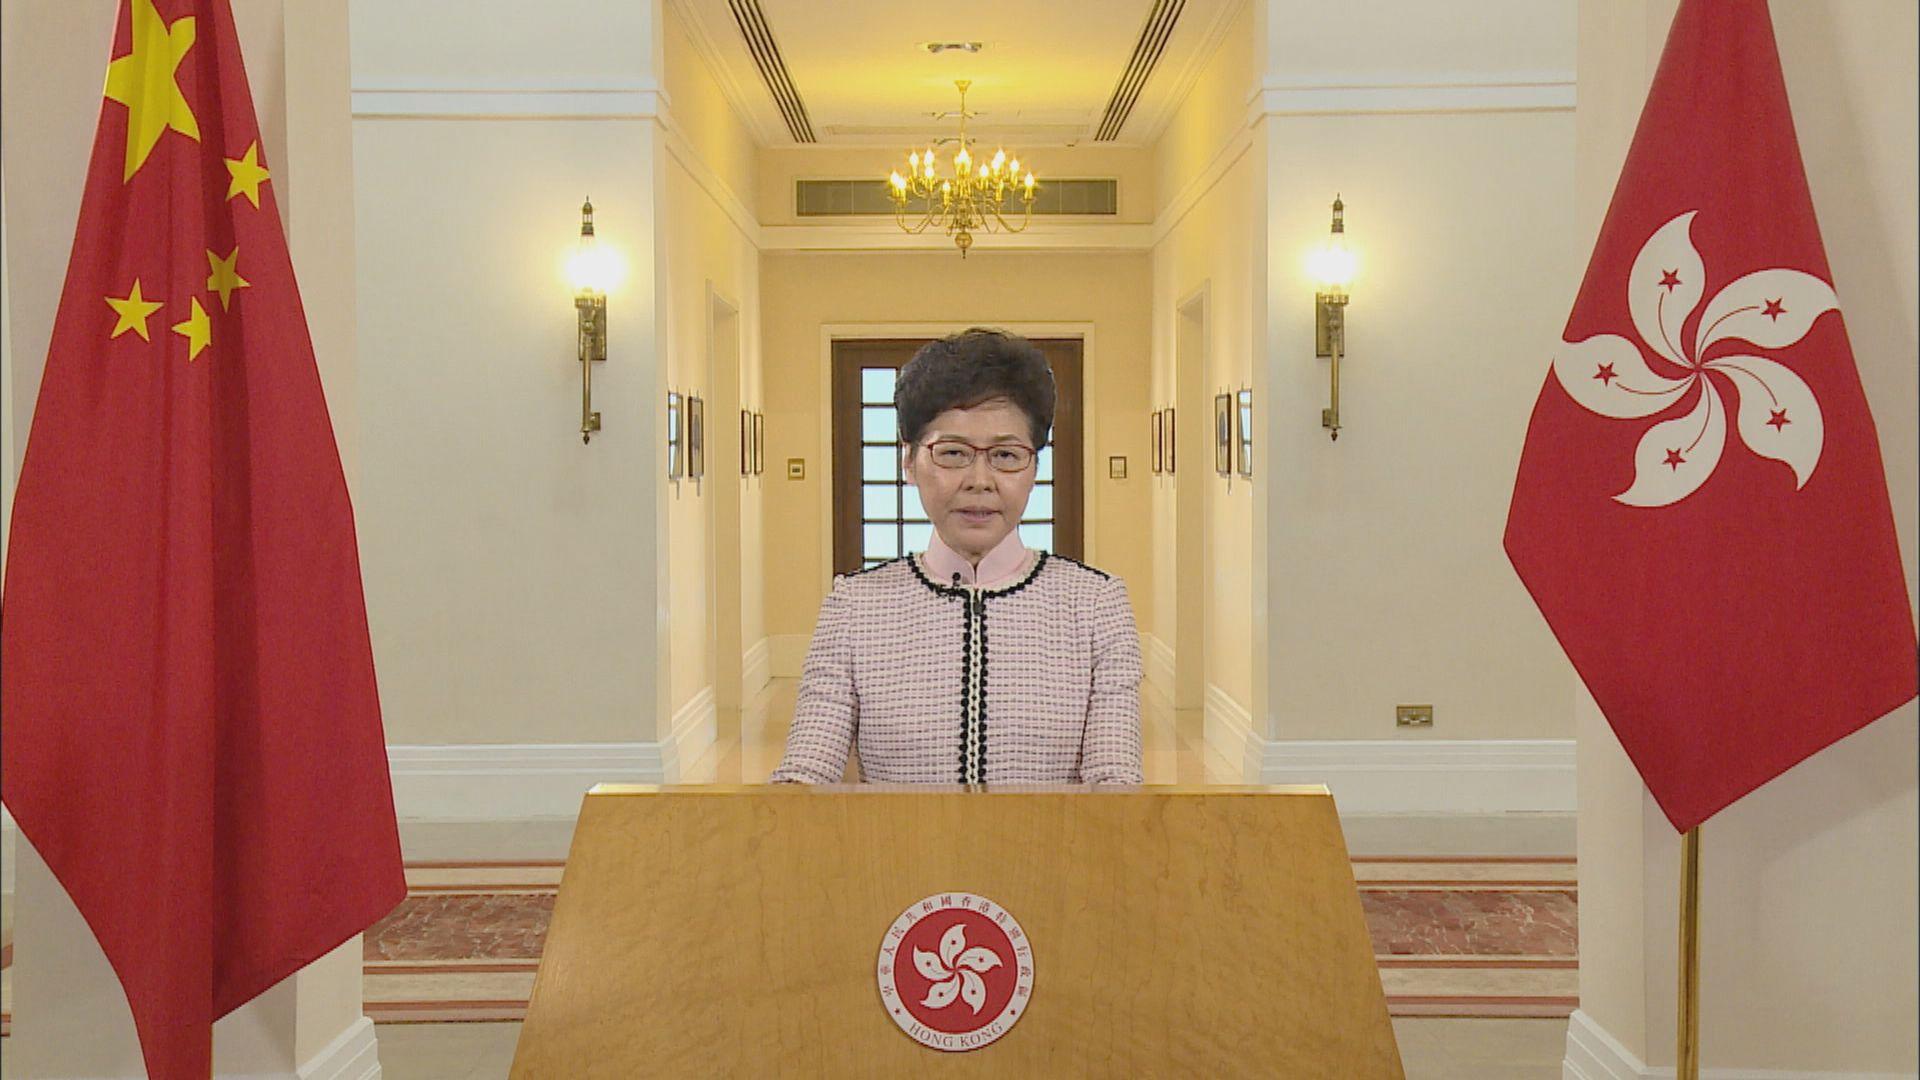 【視像發布】2019施政報告摘要